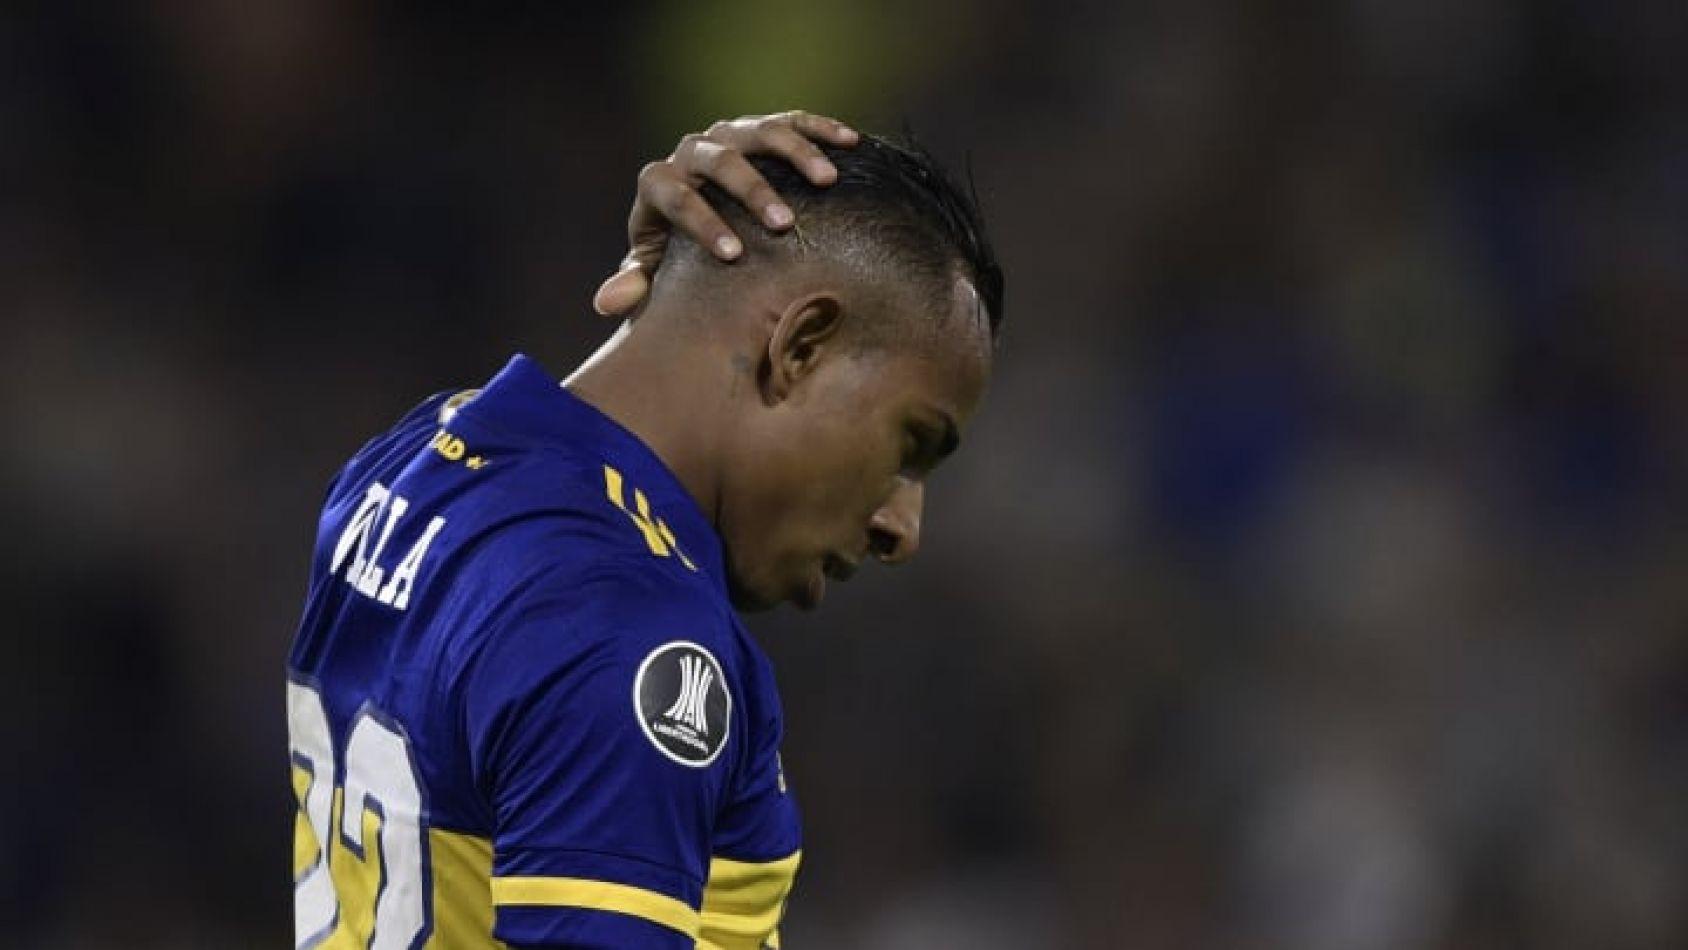 Problemas en Boca: Villa se peleó con los dirigentes y no quiere jugar más en el club